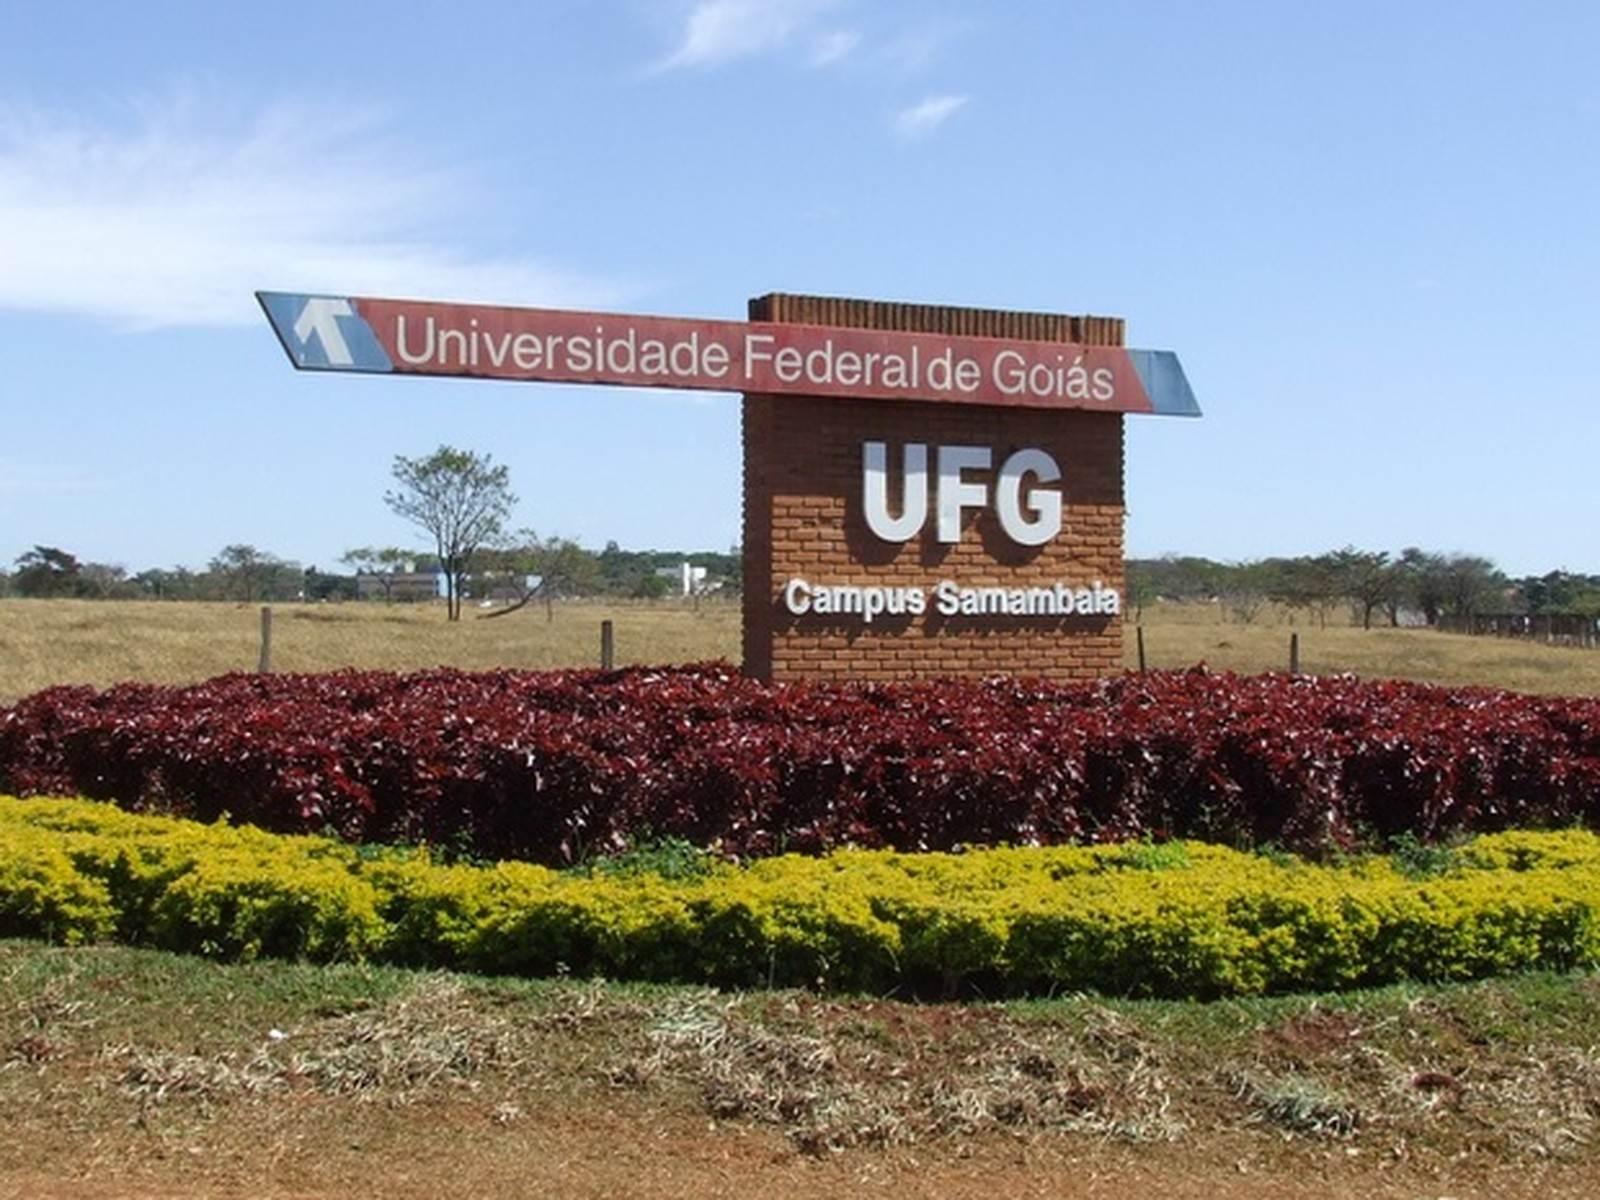 Servidores da UFG estão insatisfeitos com cortes no adicional de insalubridade | Foto: divulgação